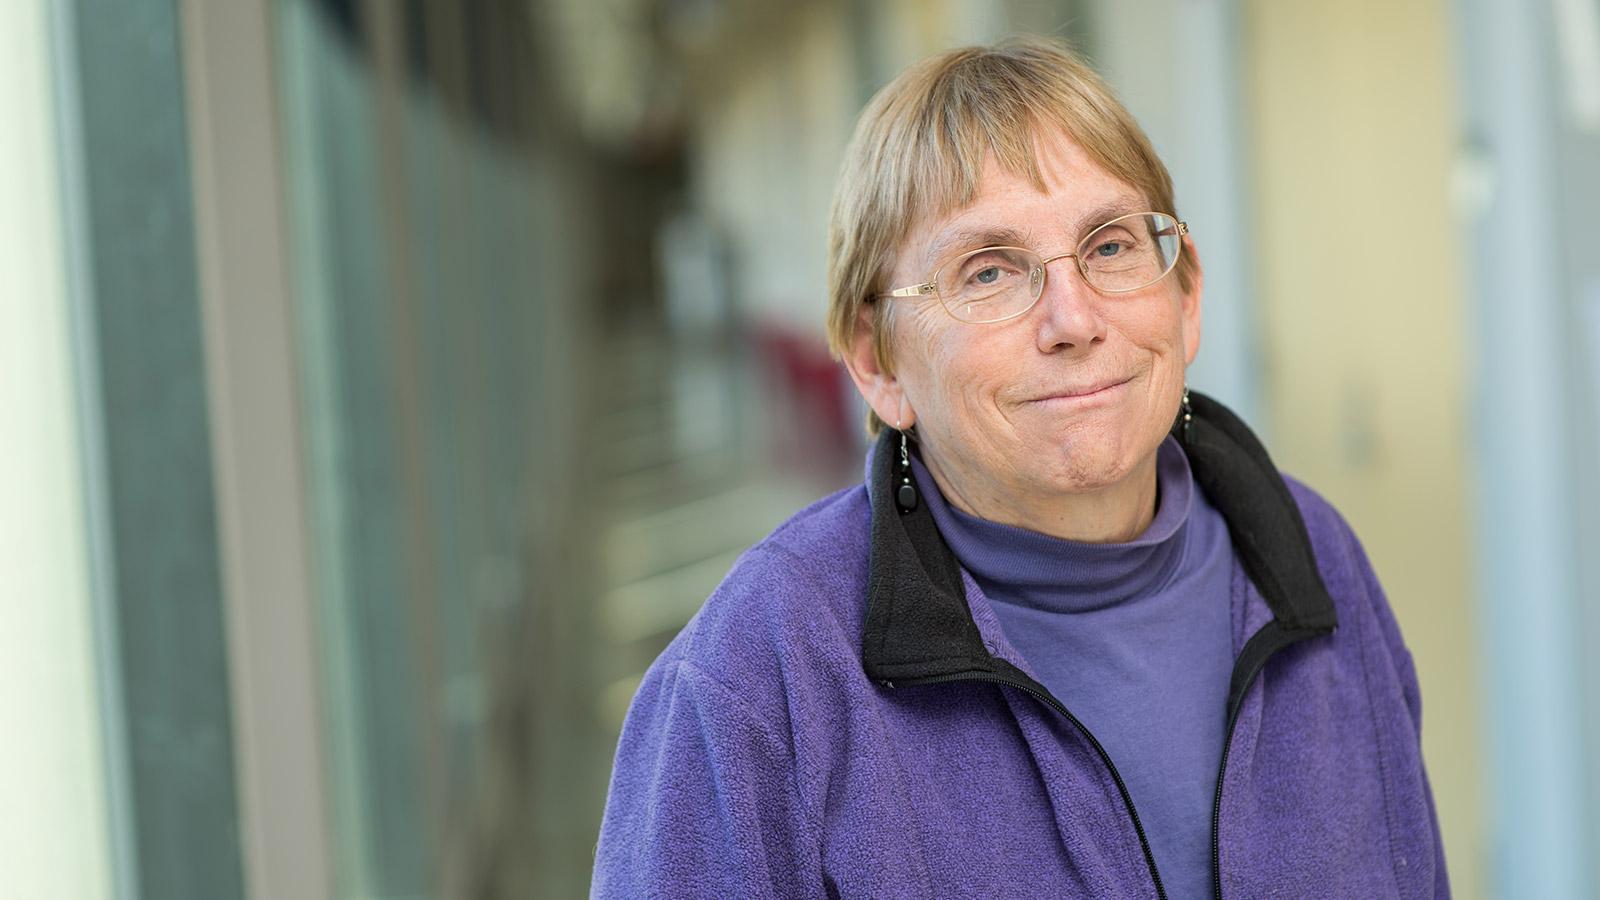 JoAnne Stubbe named 2020 Priestley Medalist